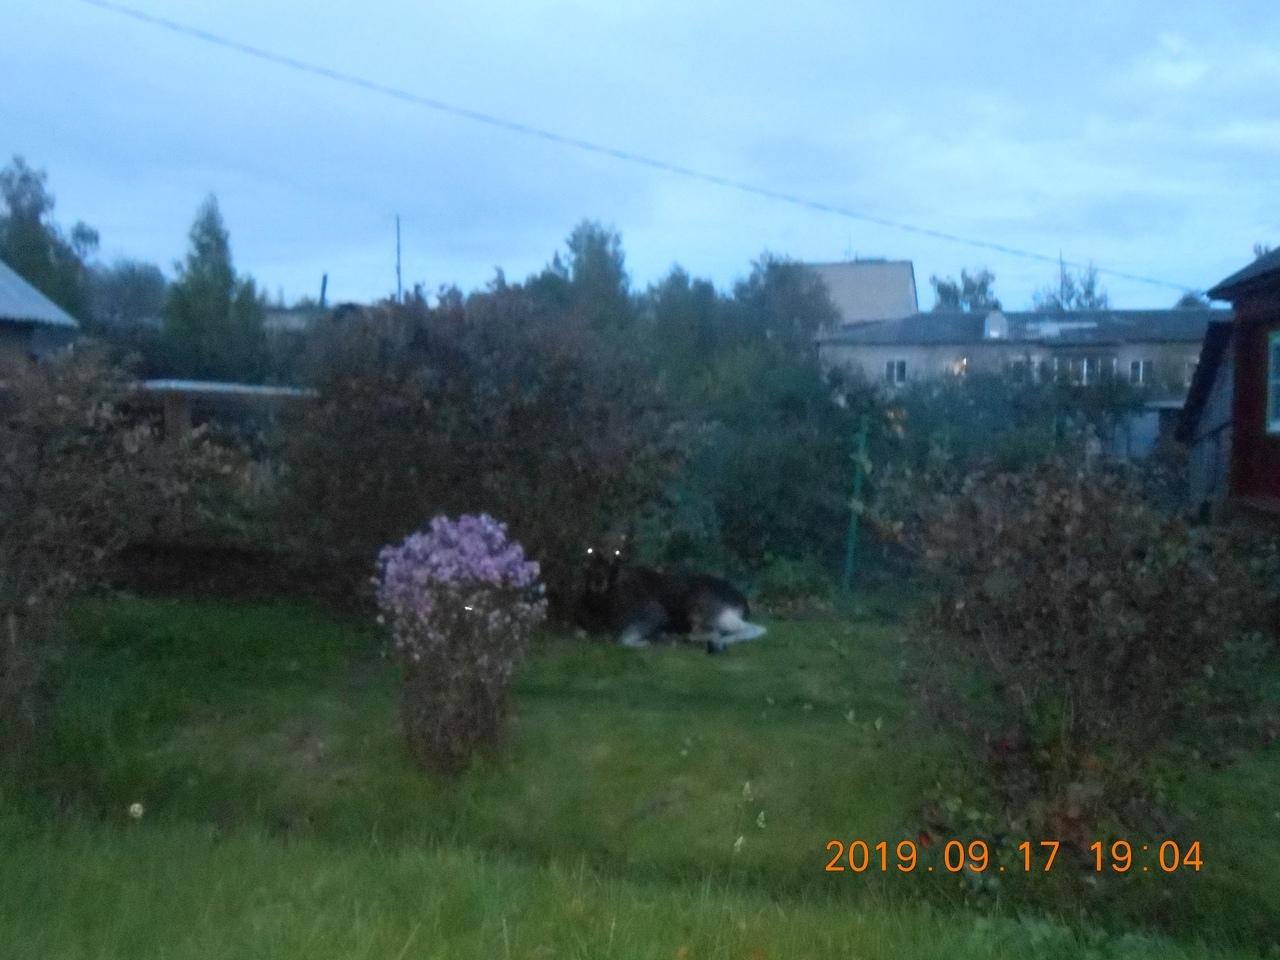 По улице около школы в Кимрах бегал взрослый испуганный лось | Видео